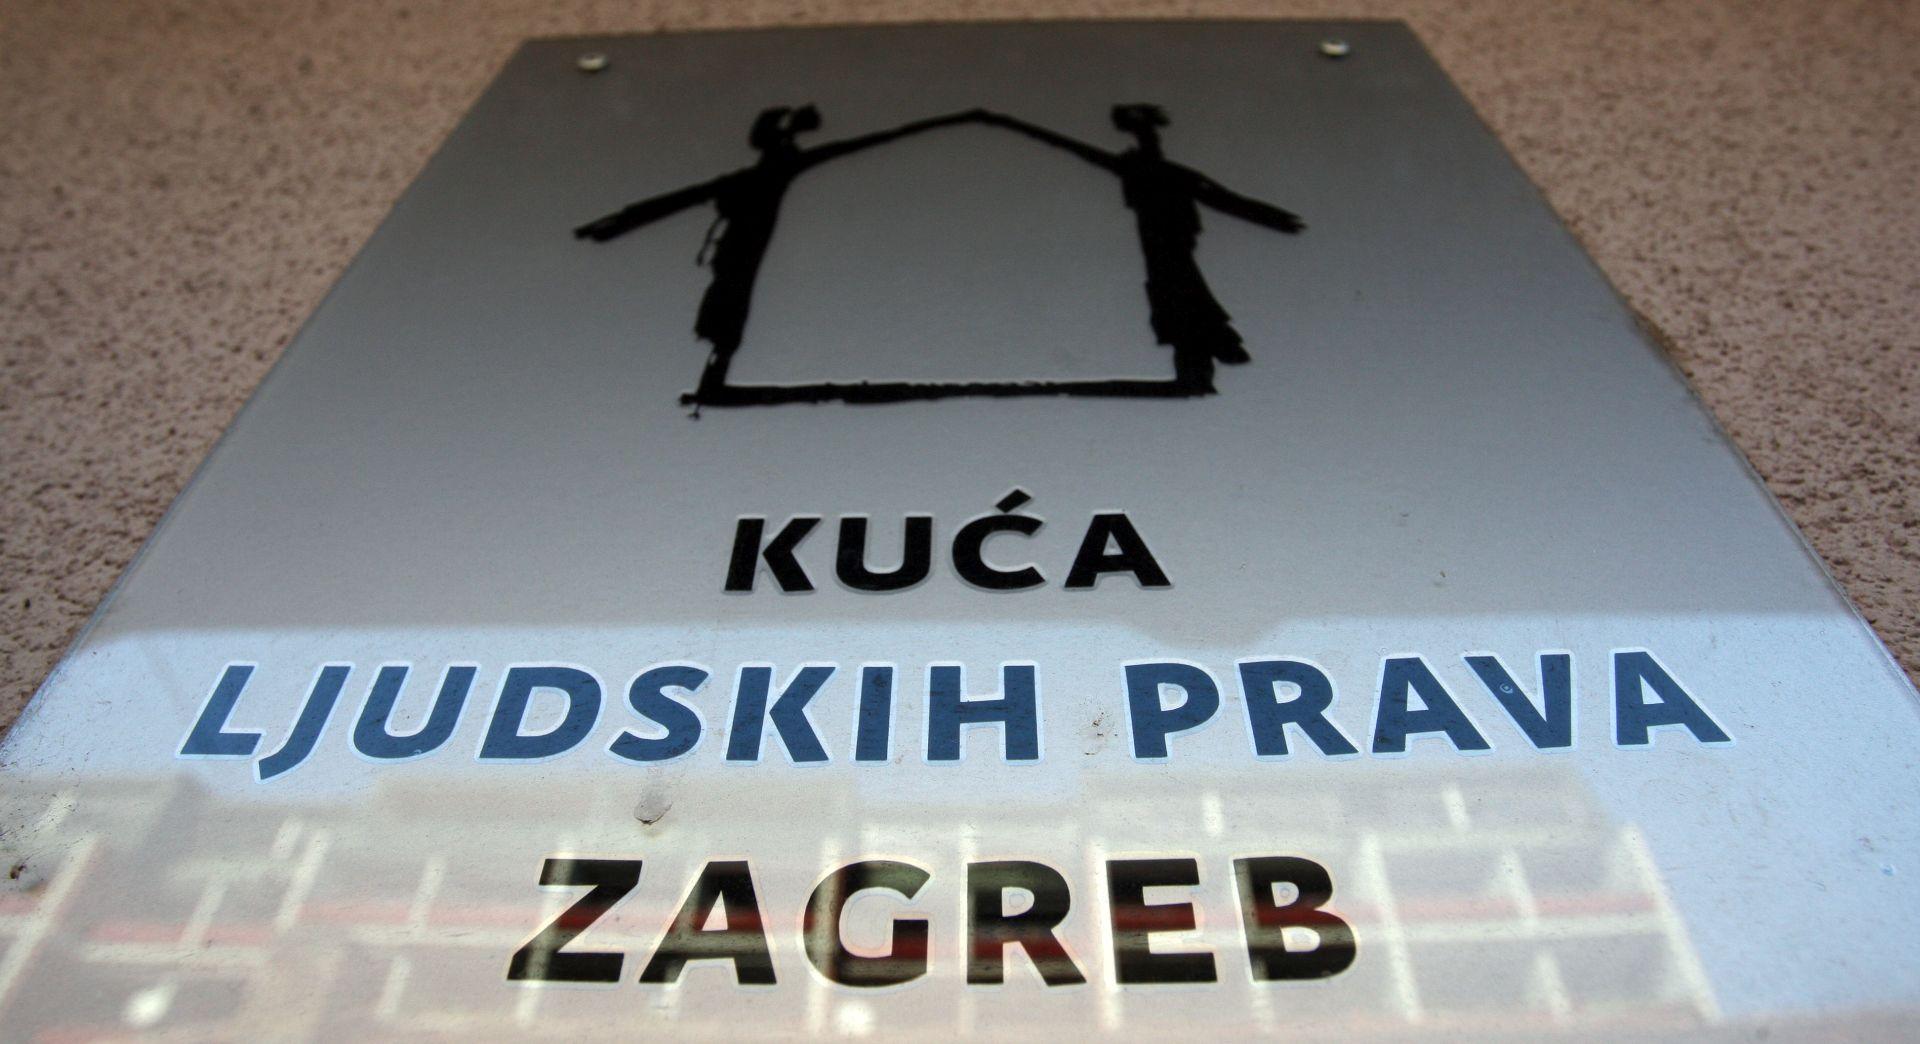 Kuća ljudskih prava Zagreb nezadovoljna Prijedlogom zakona o pravobranitelju za djecu